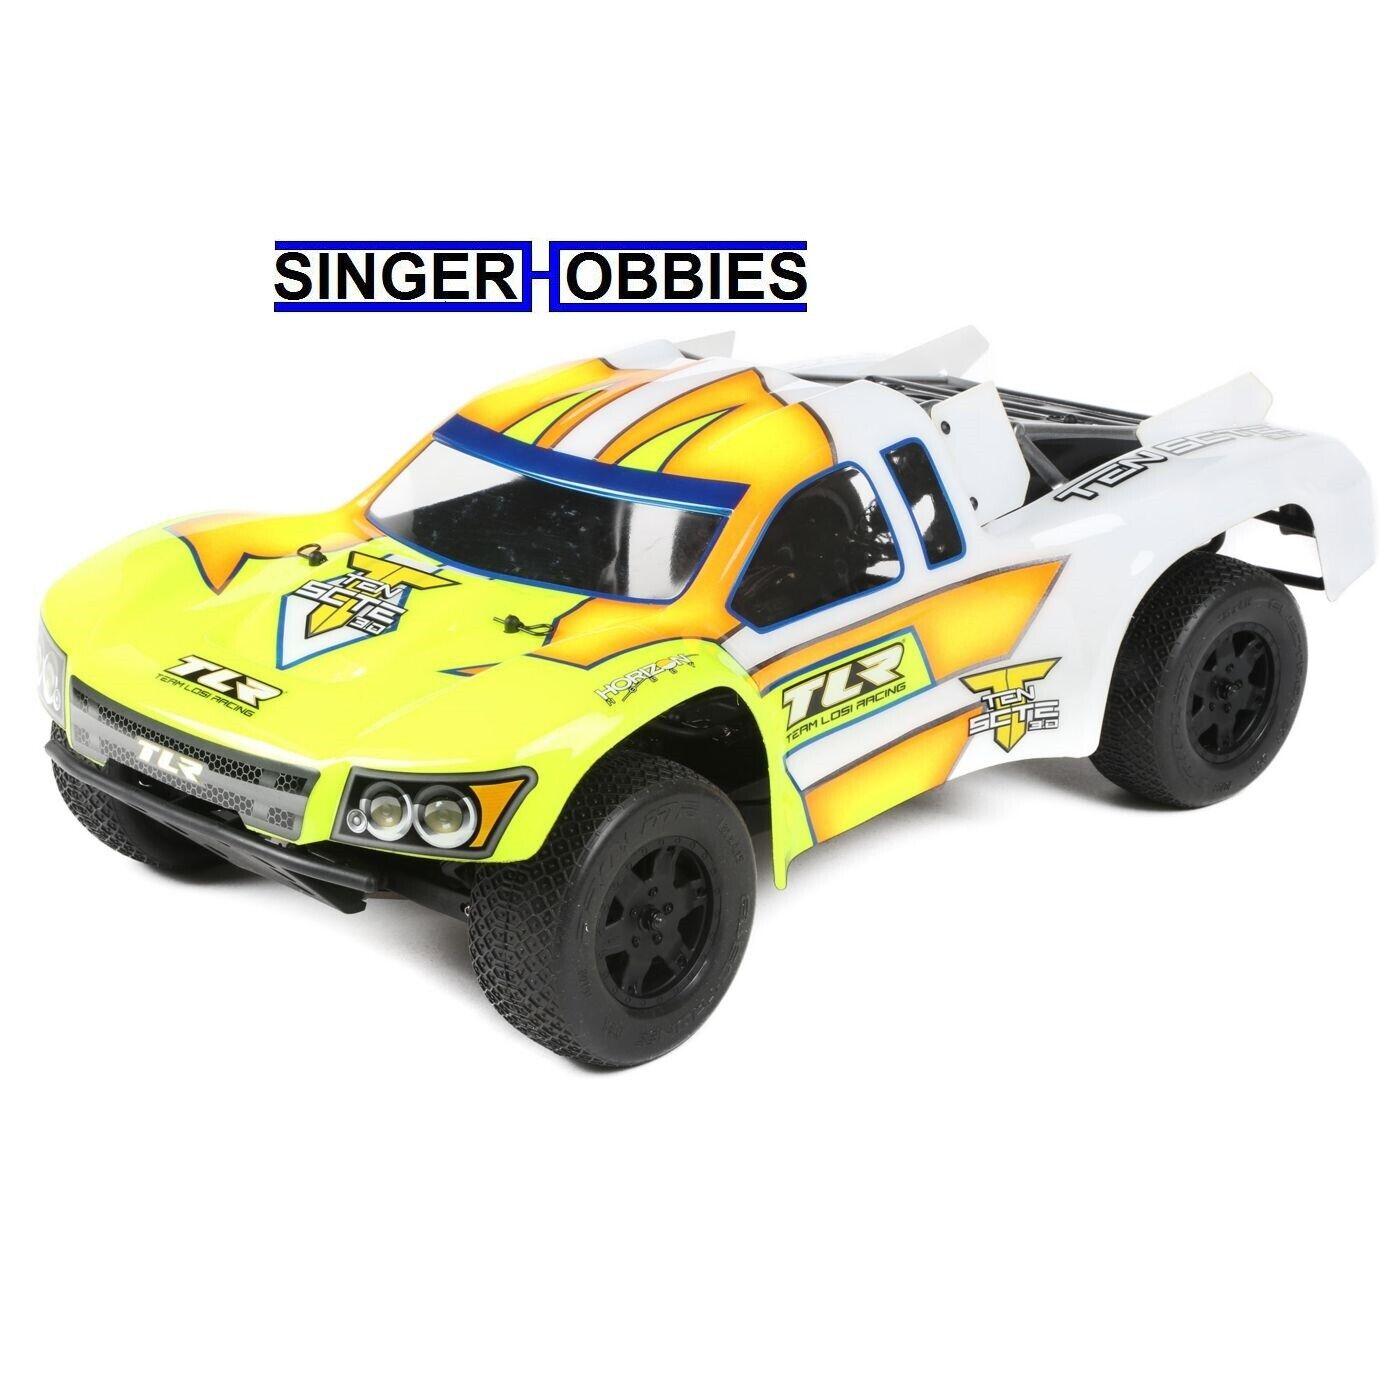 Squadra LOSI Racing 1 10 TEN-SCTE 3.0 4WD  SCT Radio Control Race Kit TLR03008 HH  vendendo bene in tutto il mondo